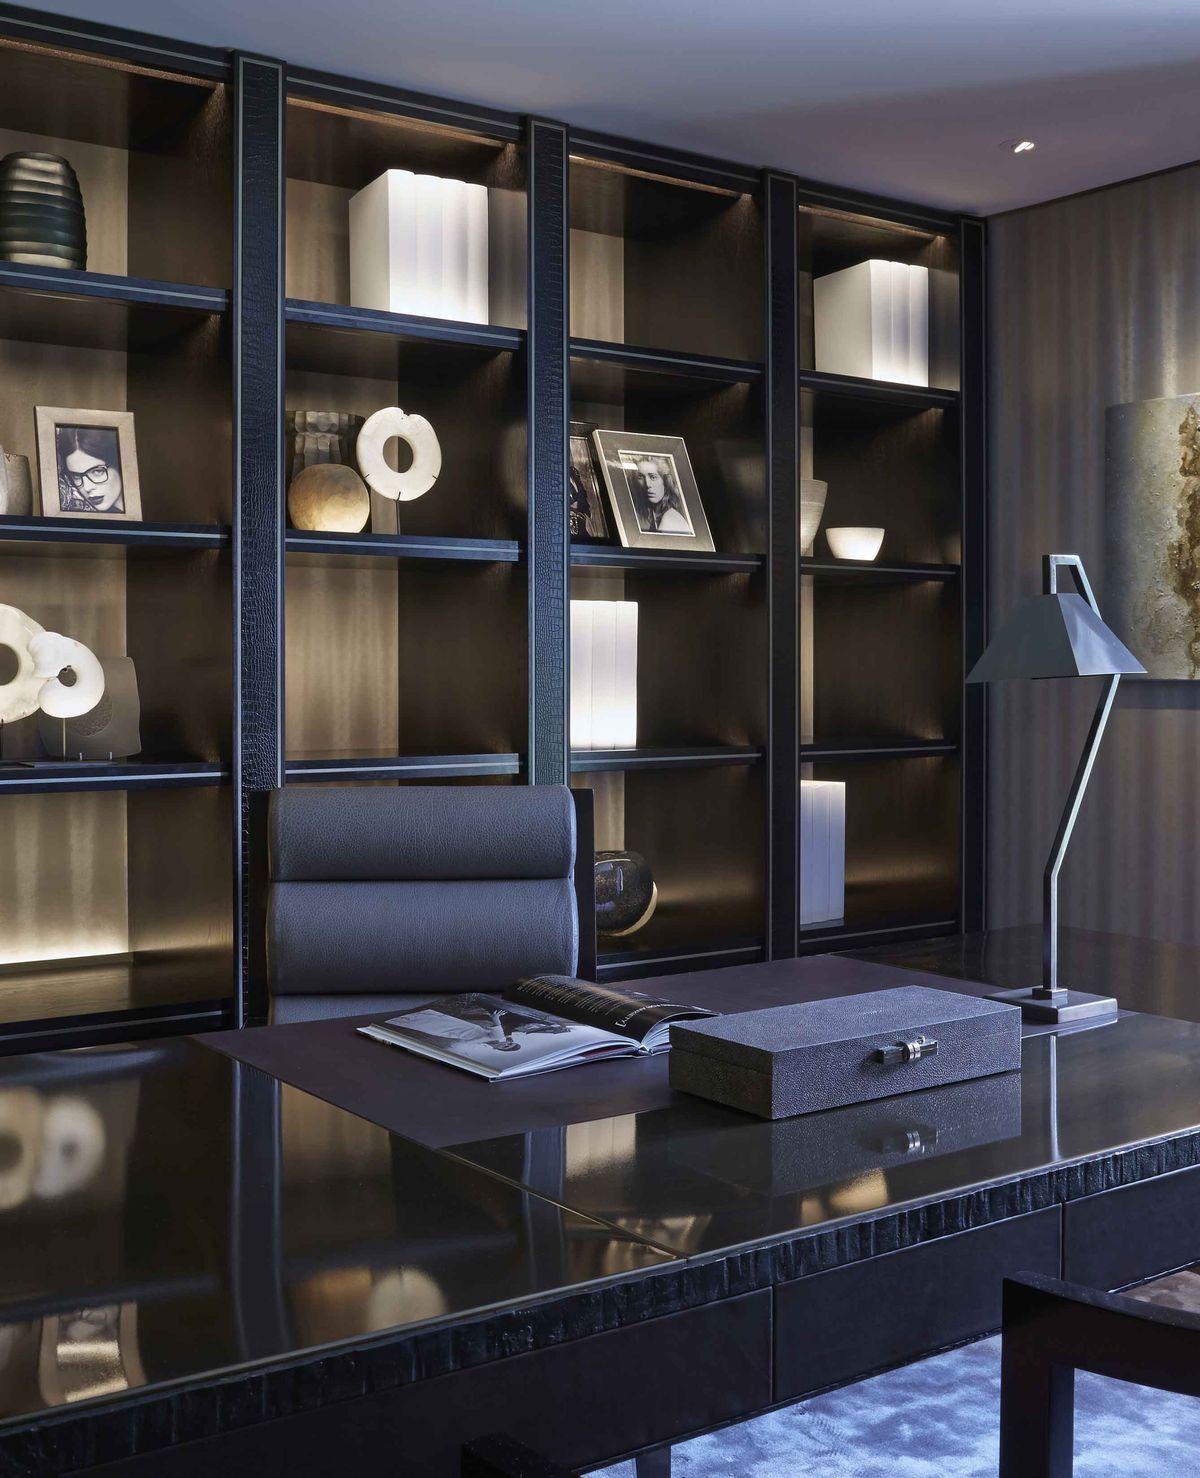 Home decor so modern and amazing dark design escritório